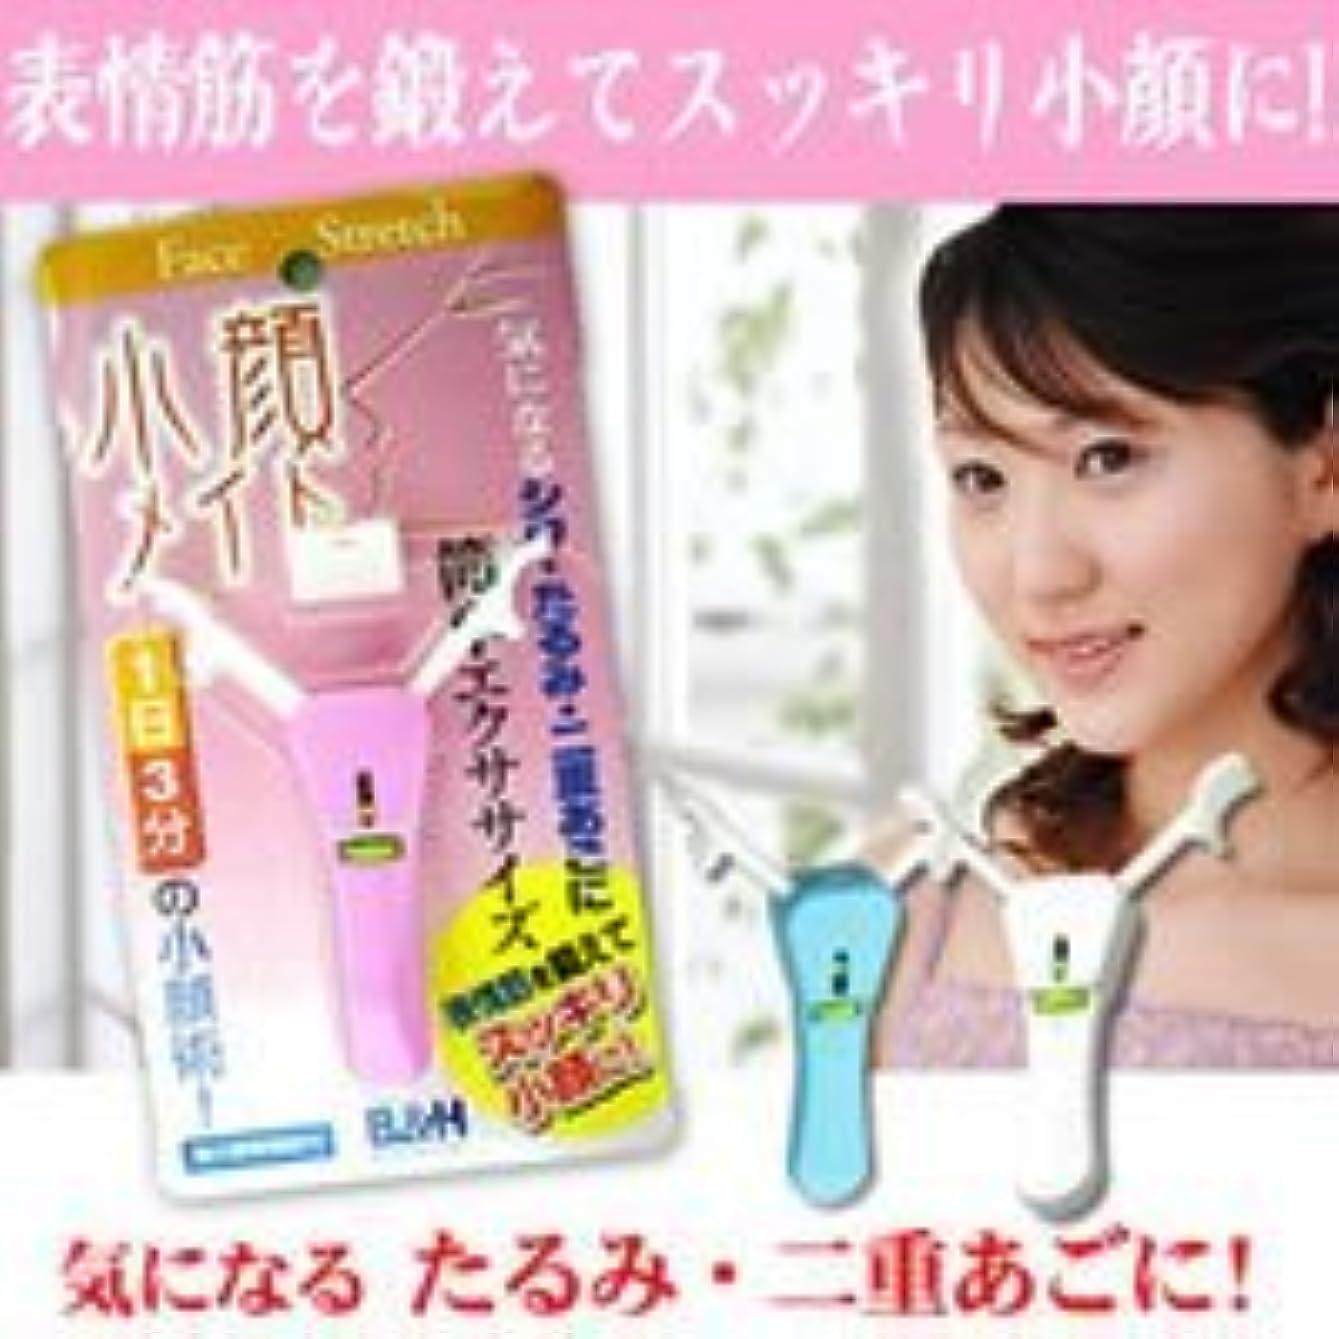 幻想ダイエット改善する小顔メイト ピンク 11060